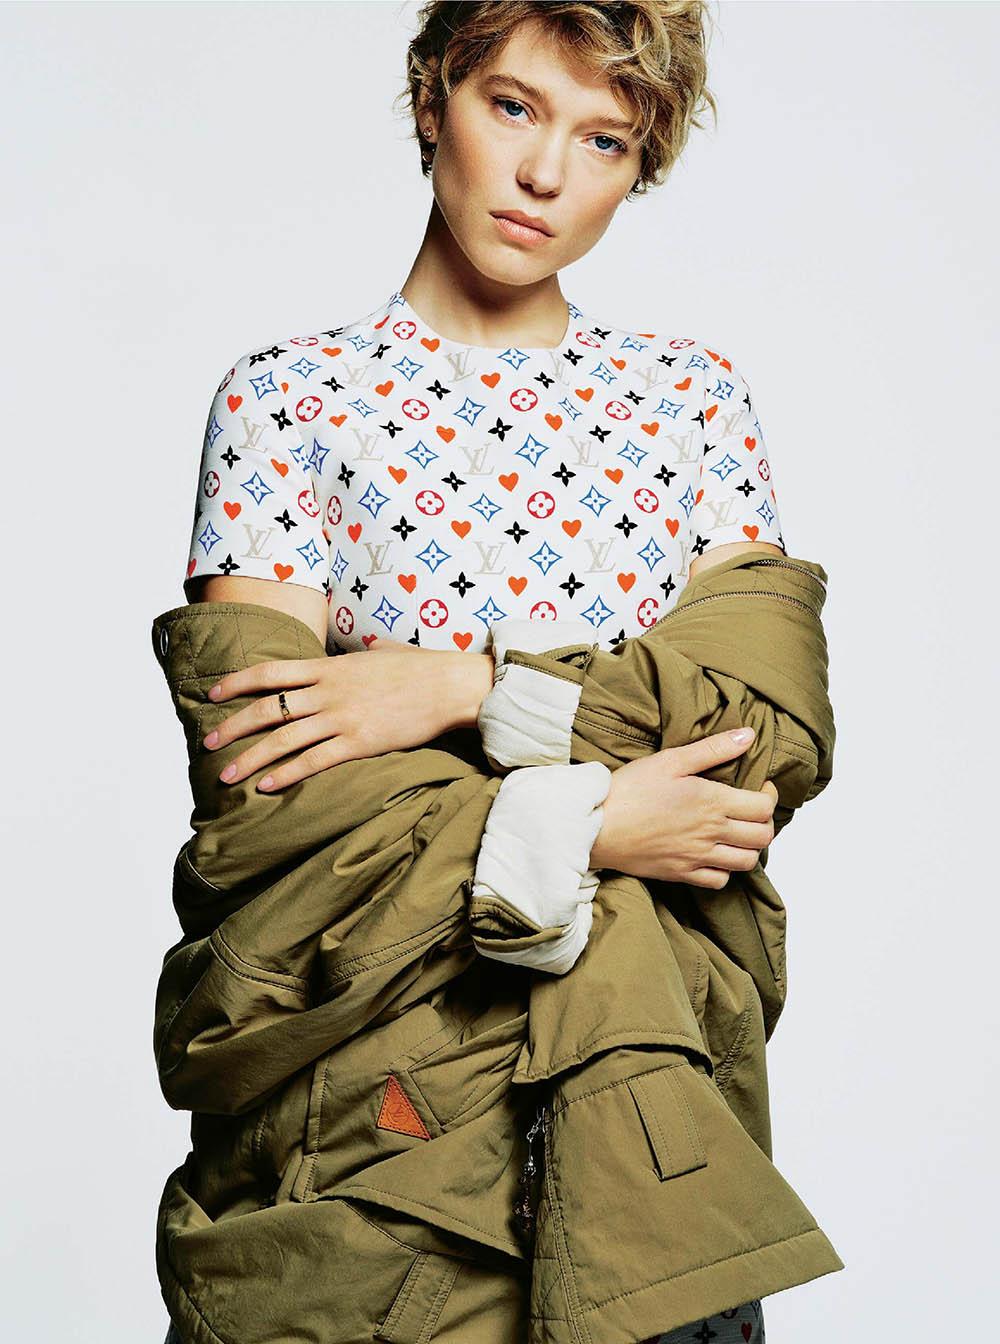 Léa Seydoux covers The Sunday Times Style November 1st, 2020 by David Ferrua